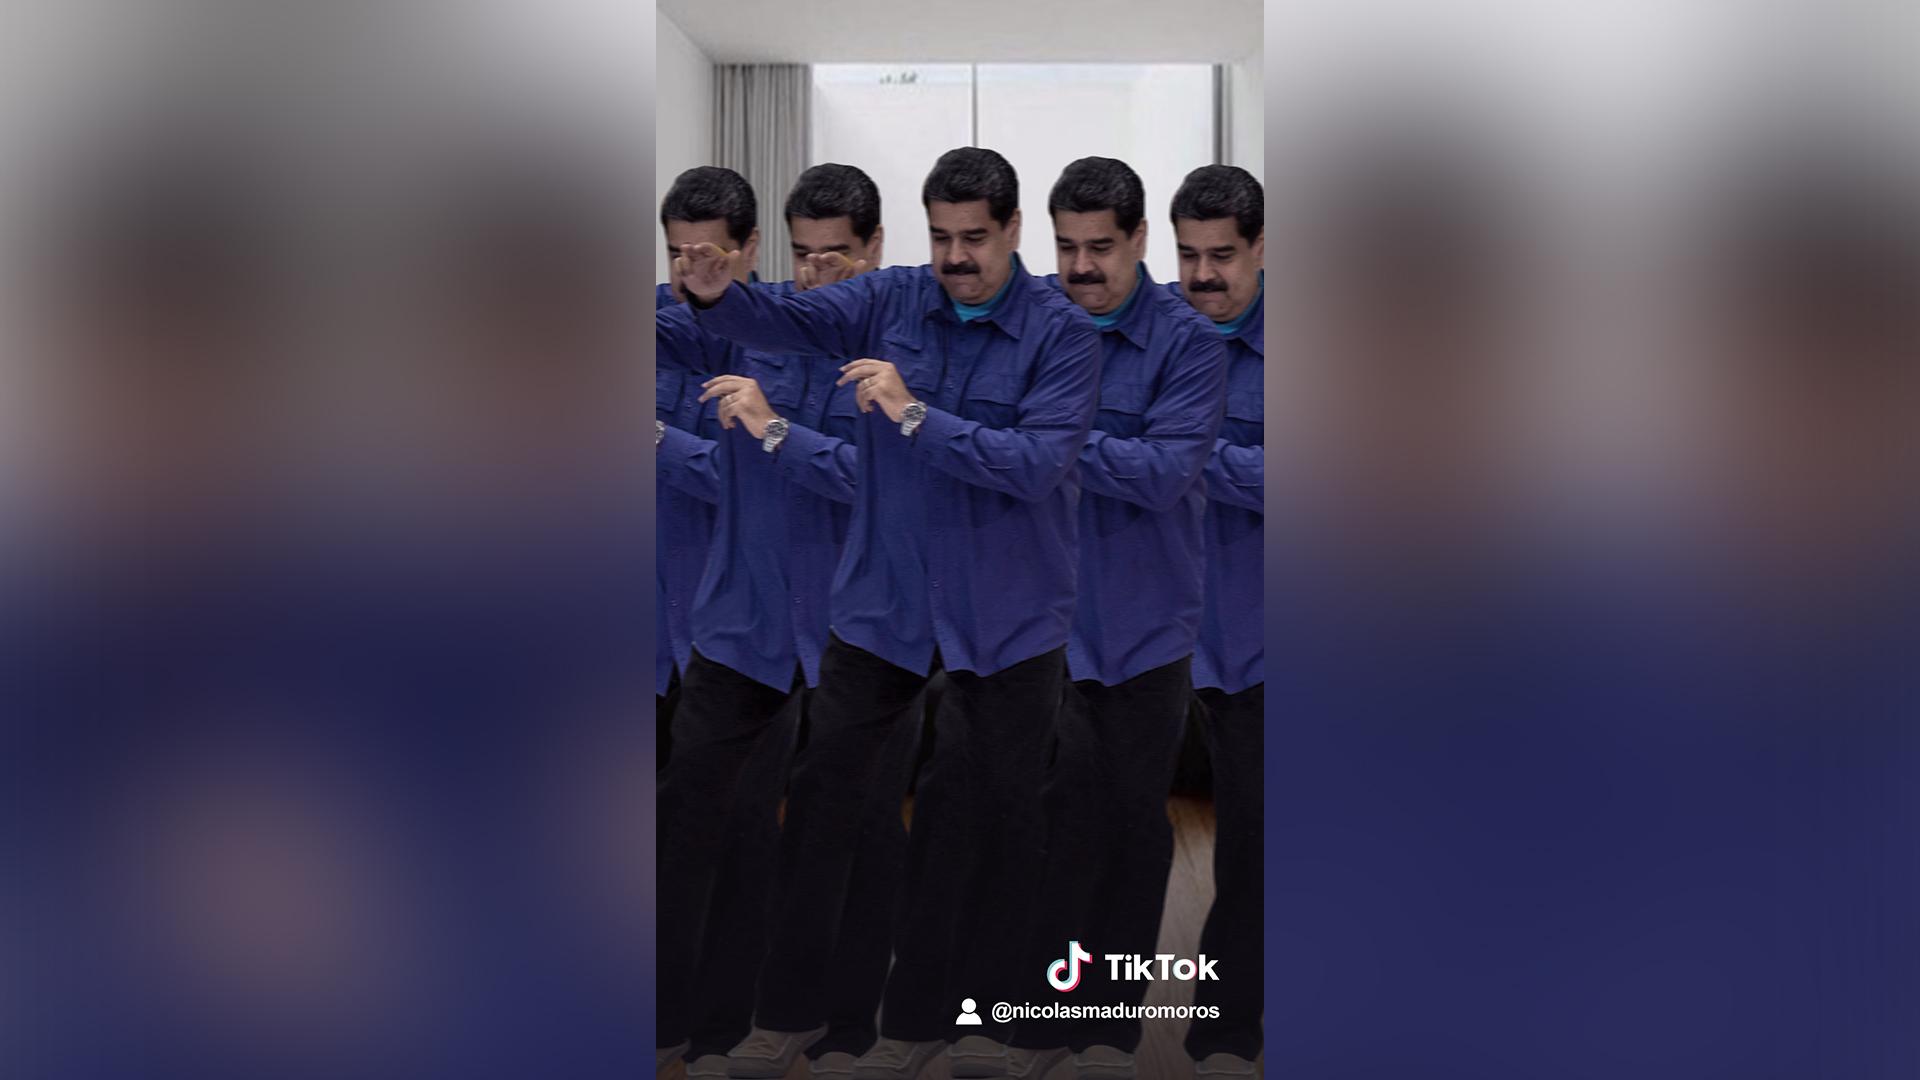 Maduro se pone a la par de otros líderes mundiales frente al coronavirus abriendo cuenta de TikTok